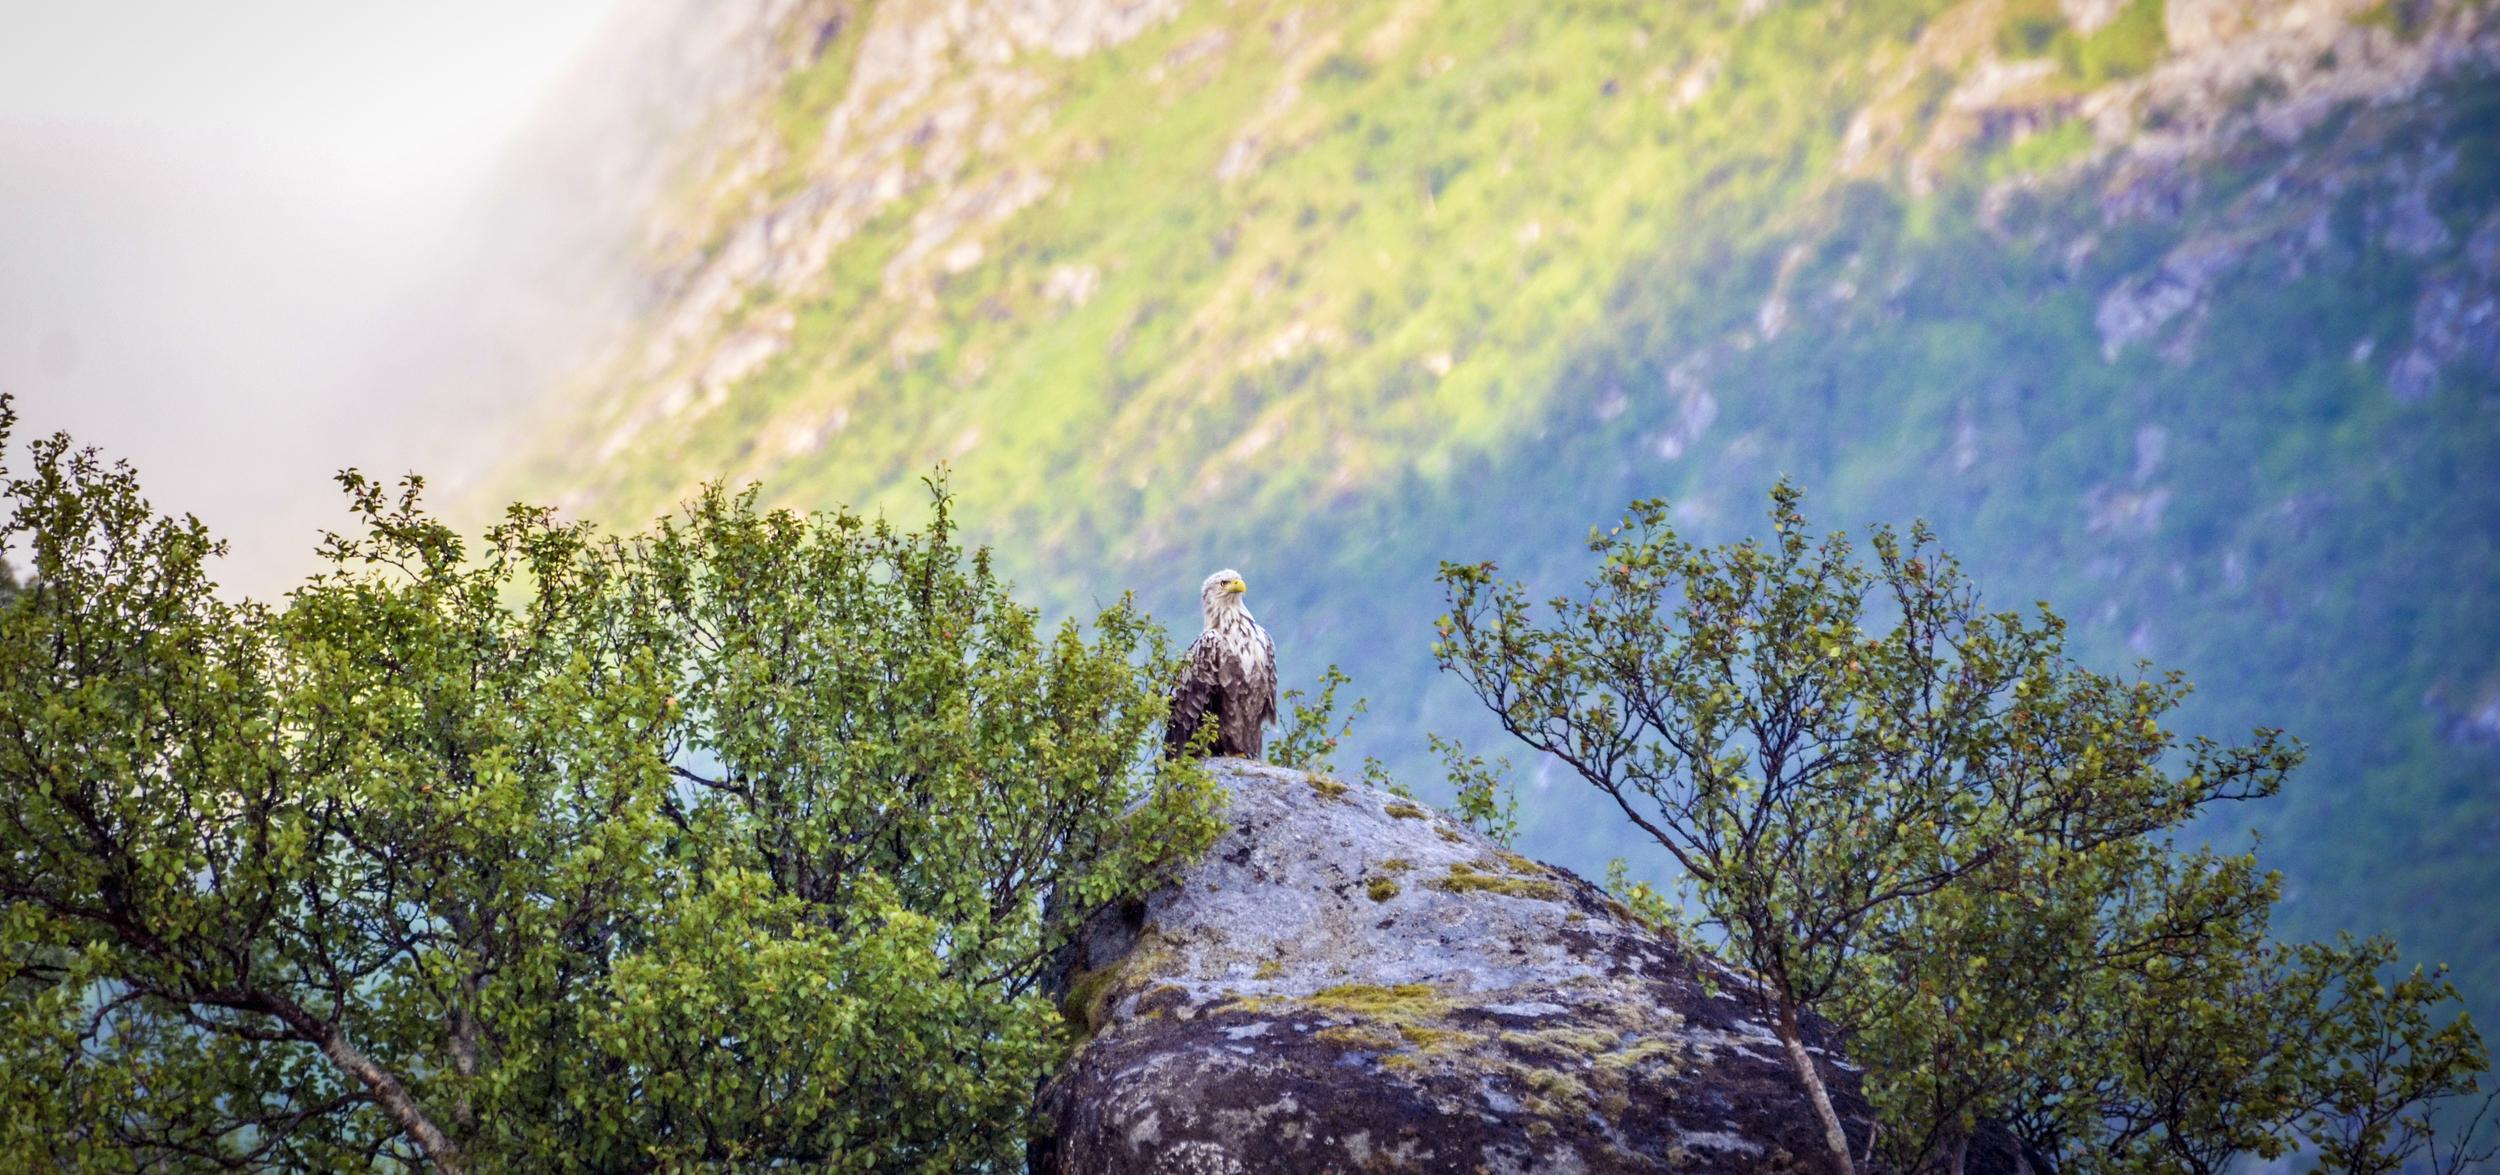 White tailed eagle, Lofoten - Norway